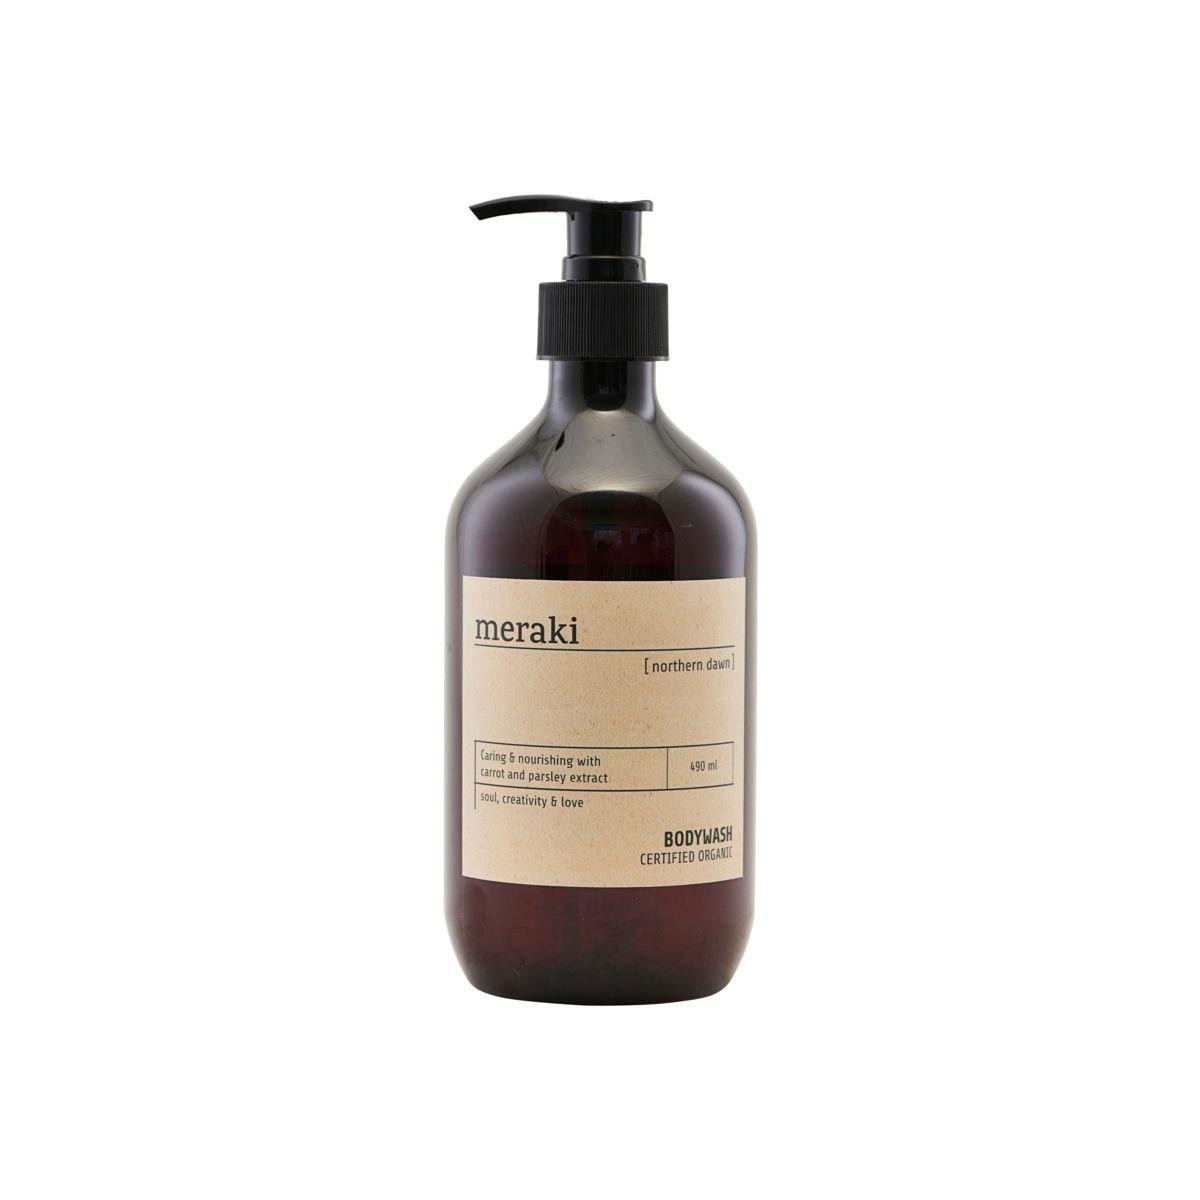 Sprchový gel Northern dawn 490 ml_1